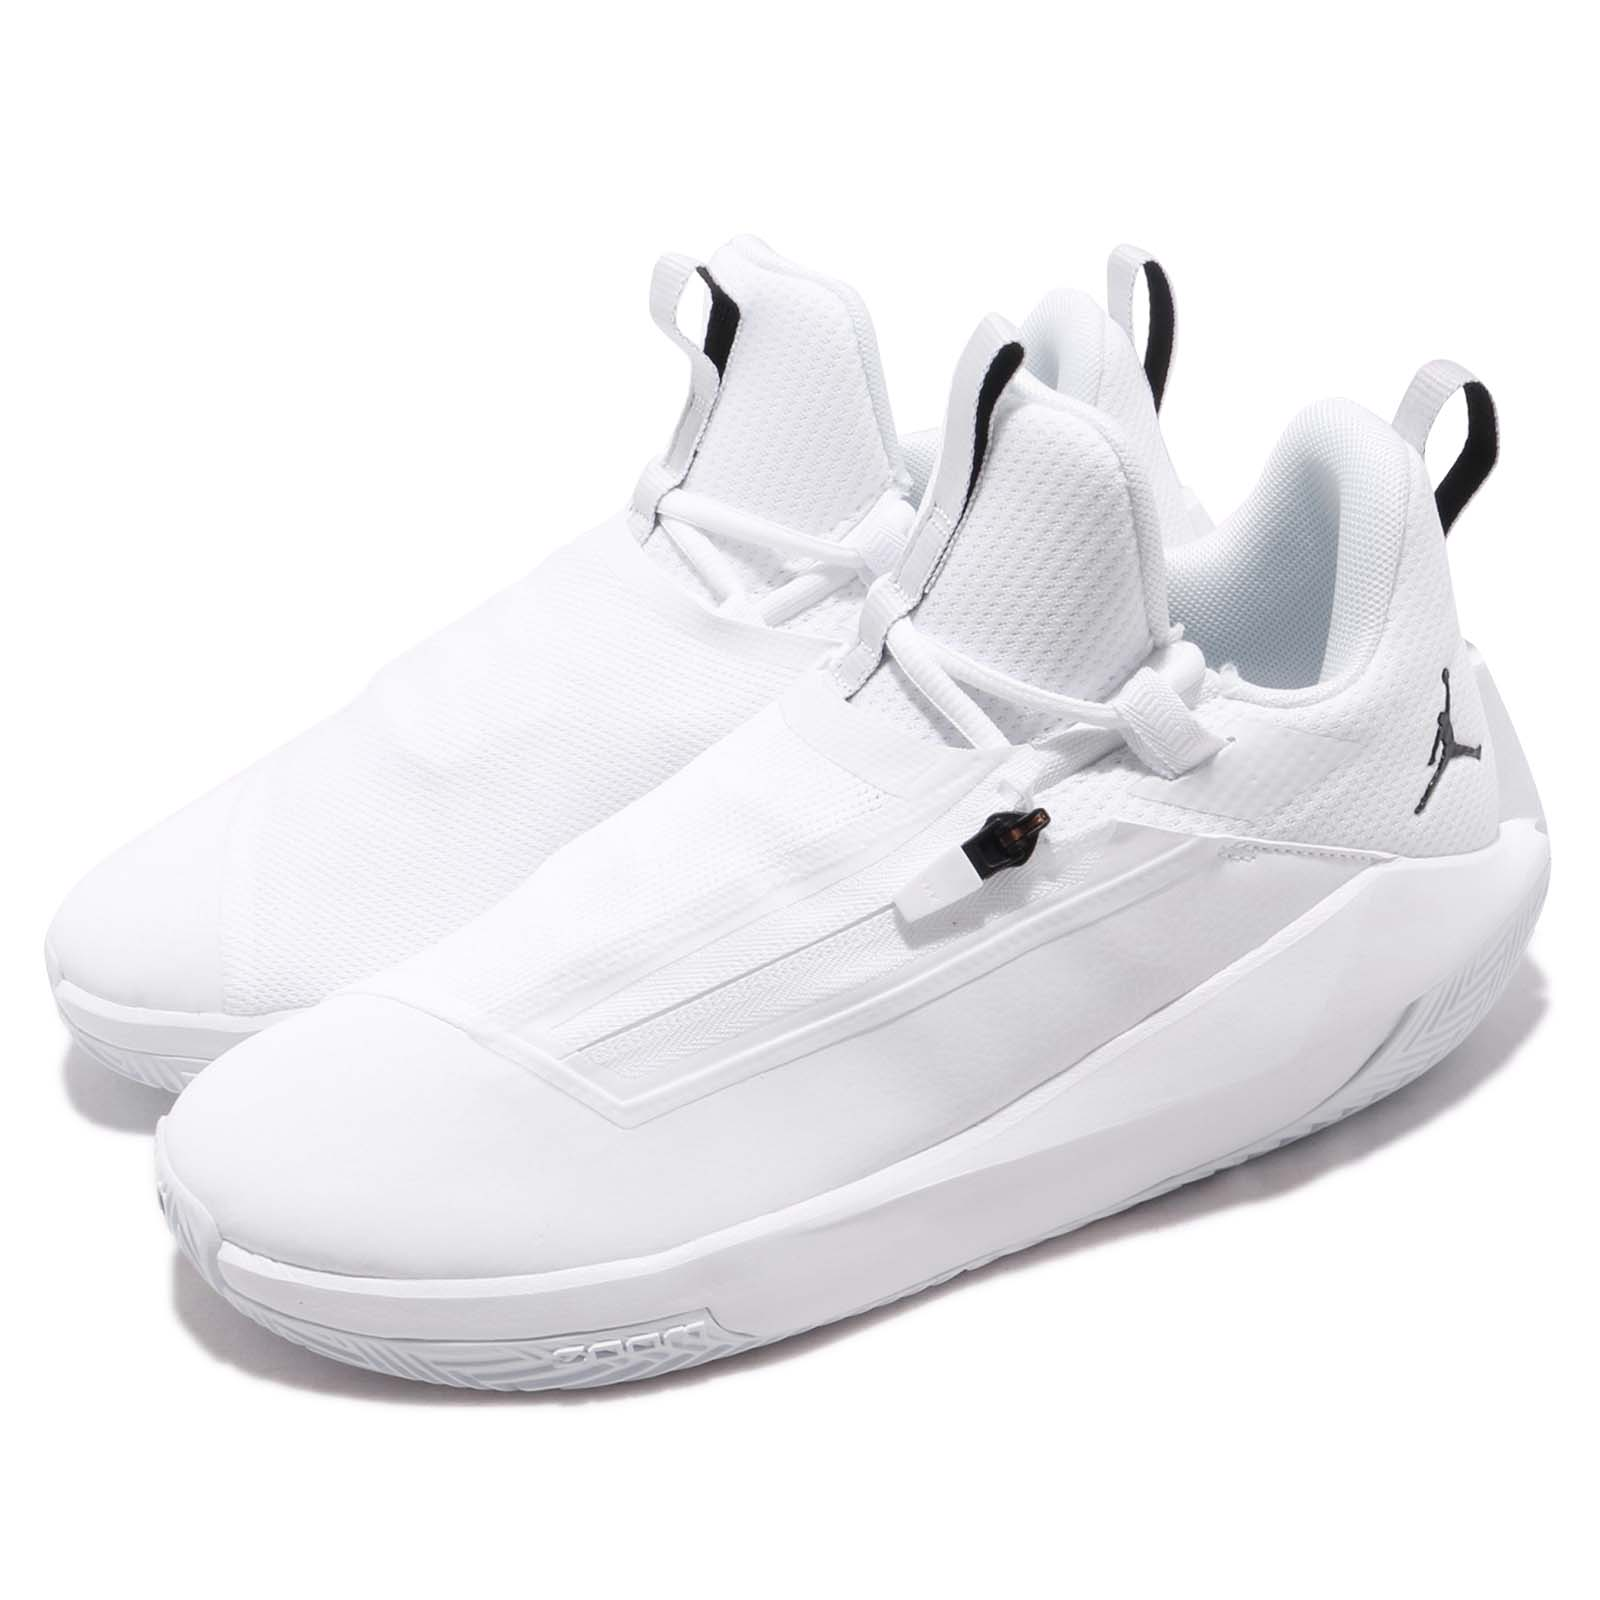 Nike 籃球鞋 Jumpman Hustle 男鞋 AQ0394-102